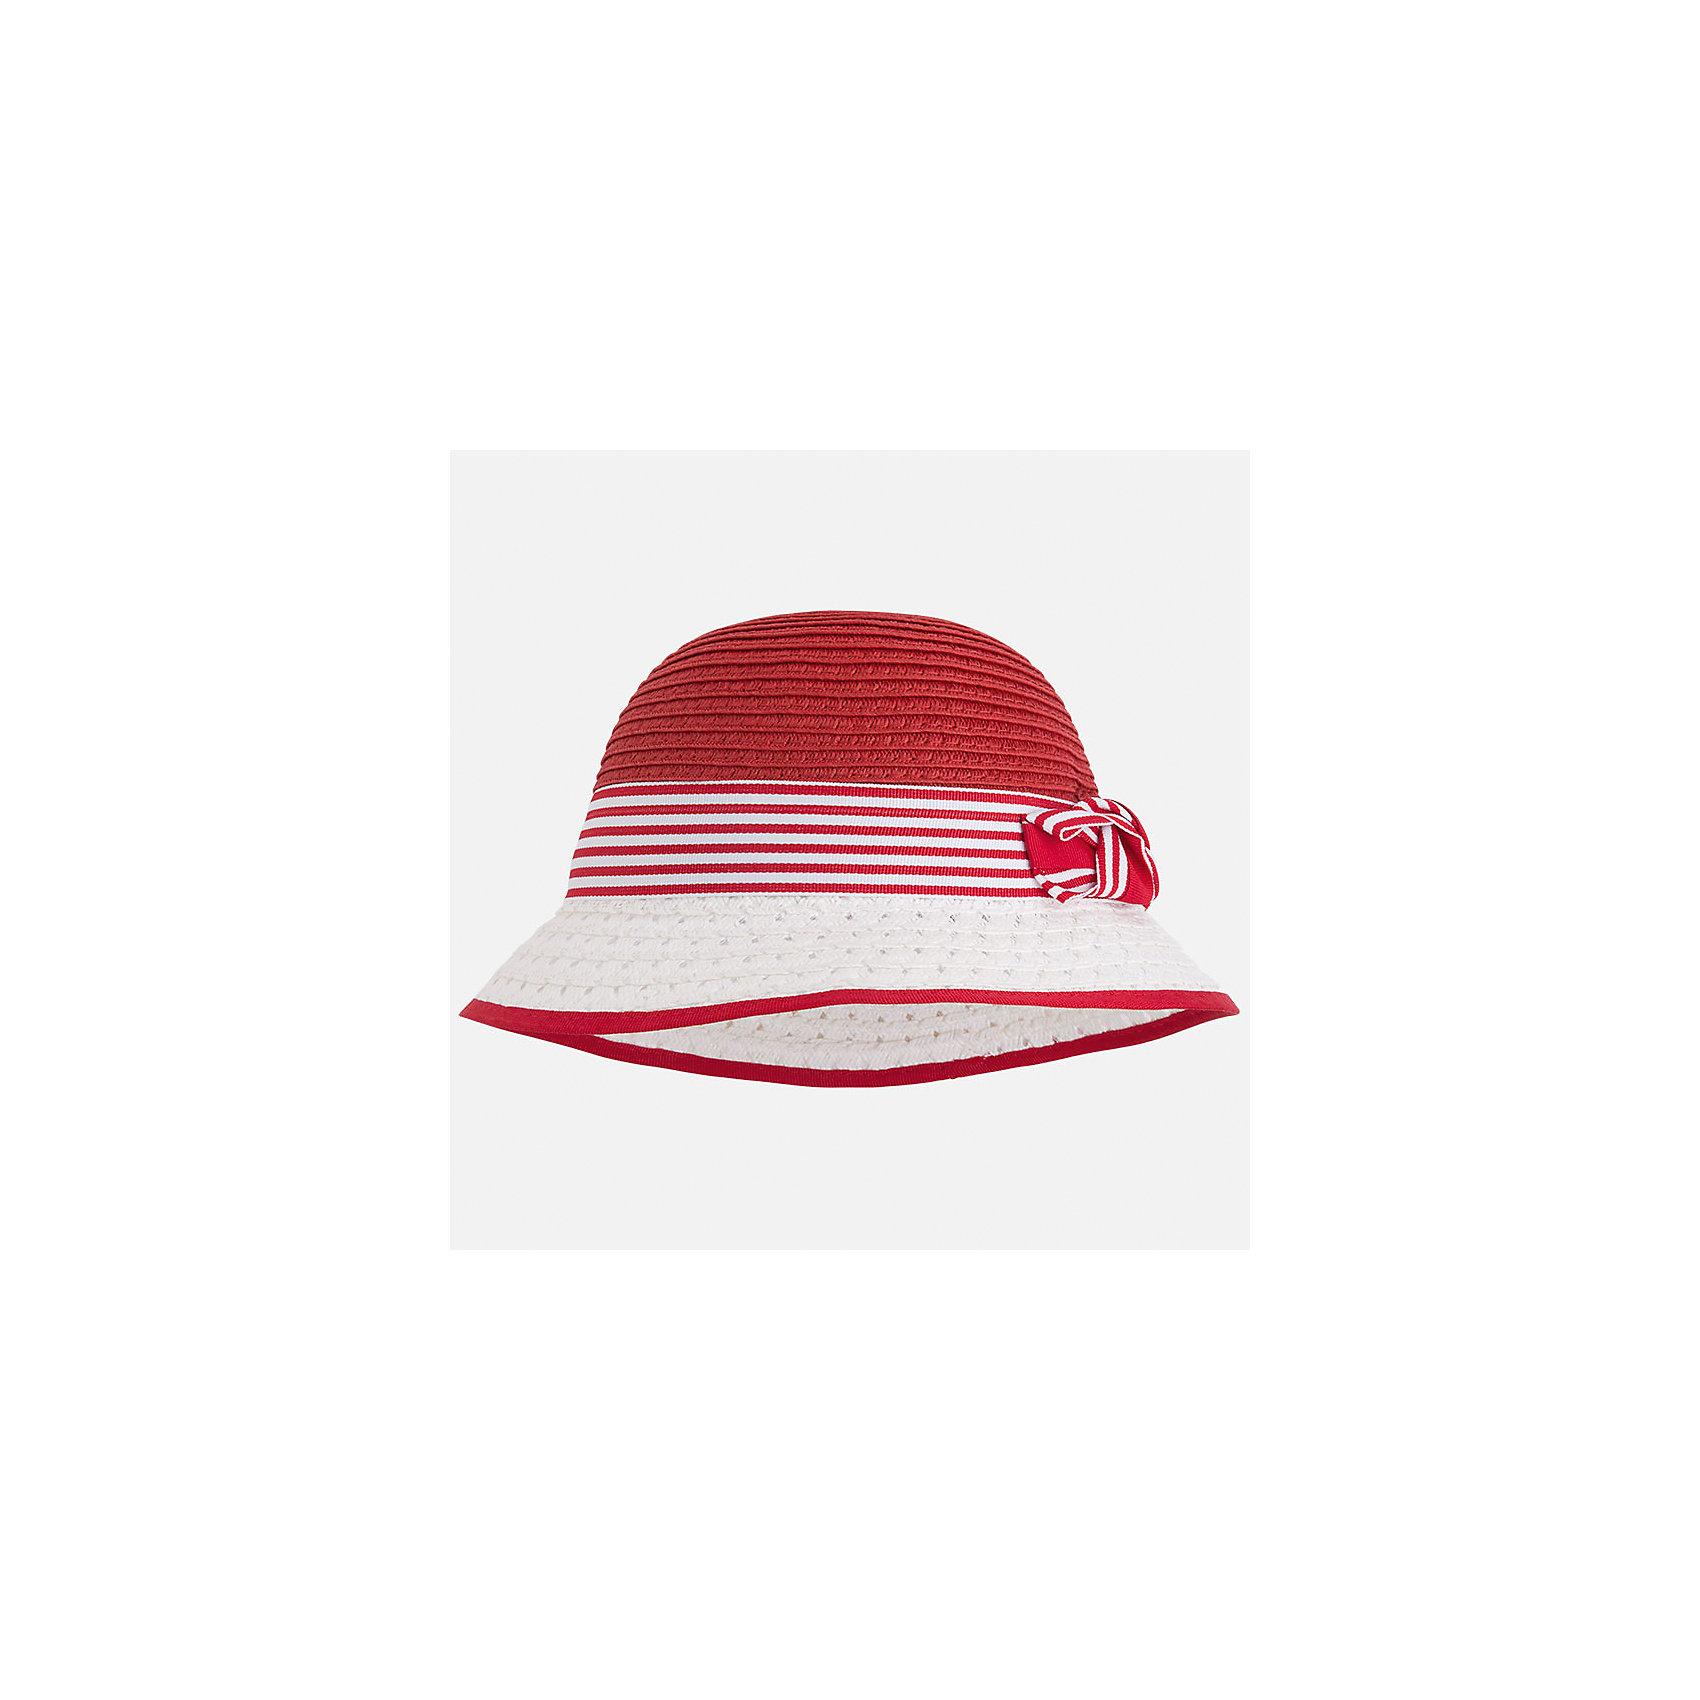 Шляпа для девочки MayoralГоловные уборы<br>Характеристики товара:<br><br>• цвет: красный/белый<br>• состав: 100% бумага<br>• контрастные цвета<br>• дышащая фактура<br>• декорирована бантом<br>• страна бренда: Испания<br><br>Красивая легкая шляпа для девочки поможет обеспечить ребенку защиту от солнца и дополнить наряд. Универсальный цвет позволяет надевать её под наряды различных расцветок. Шляпа удобно сидит и красиво смотрится. <br><br>Одежда, обувь и аксессуары от испанского бренда Mayoral полюбились детям и взрослым по всему миру. Модели этой марки - стильные и удобные. Для их производства используются только безопасные, качественные материалы и фурнитура. Порадуйте ребенка модными и красивыми вещами от Mayoral! <br><br>Шляпу для девочки от испанского бренда Mayoral (Майорал) можно купить в нашем интернет-магазине.<br><br>Ширина мм: 89<br>Глубина мм: 117<br>Высота мм: 44<br>Вес г: 155<br>Цвет: красный<br>Возраст от месяцев: 72<br>Возраст до месяцев: 84<br>Пол: Женский<br>Возраст: Детский<br>Размер: 54,50,52<br>SKU: 5293535